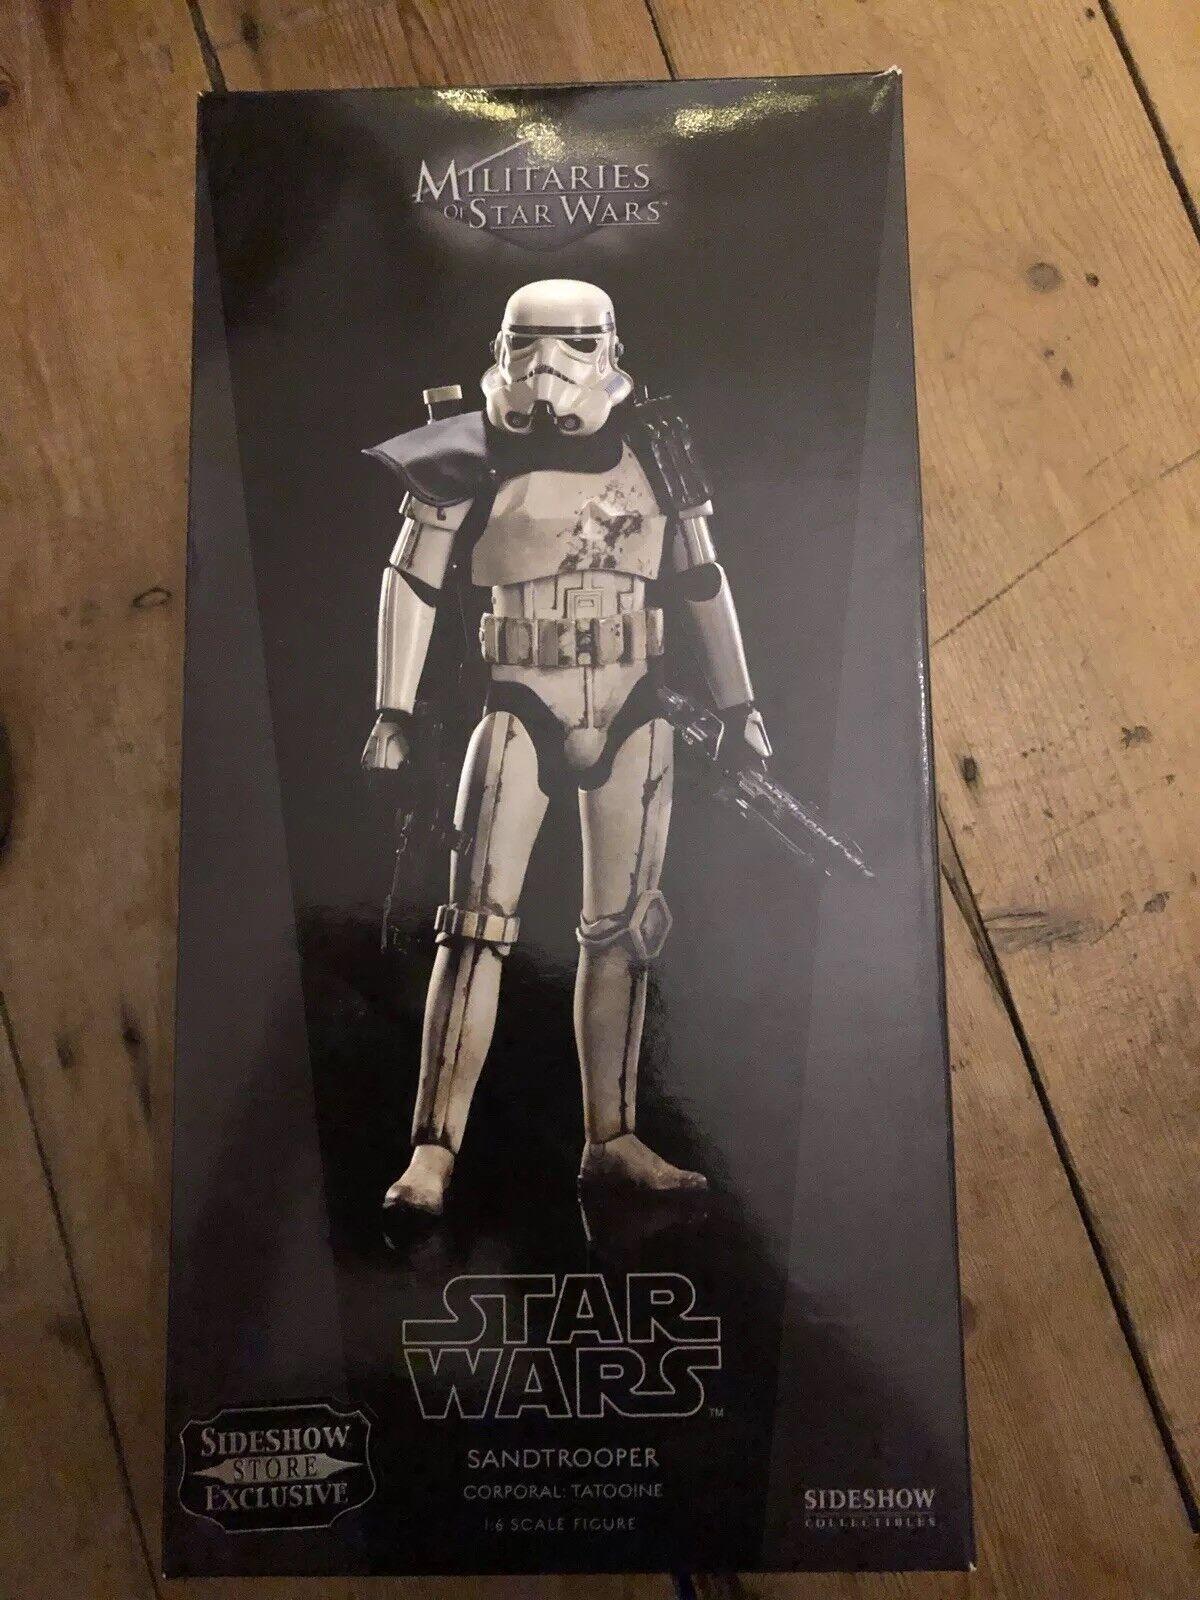 Sideshow ejércitos de Star Wars Sandtrooper corporal  Tatooine exclusivo C1083